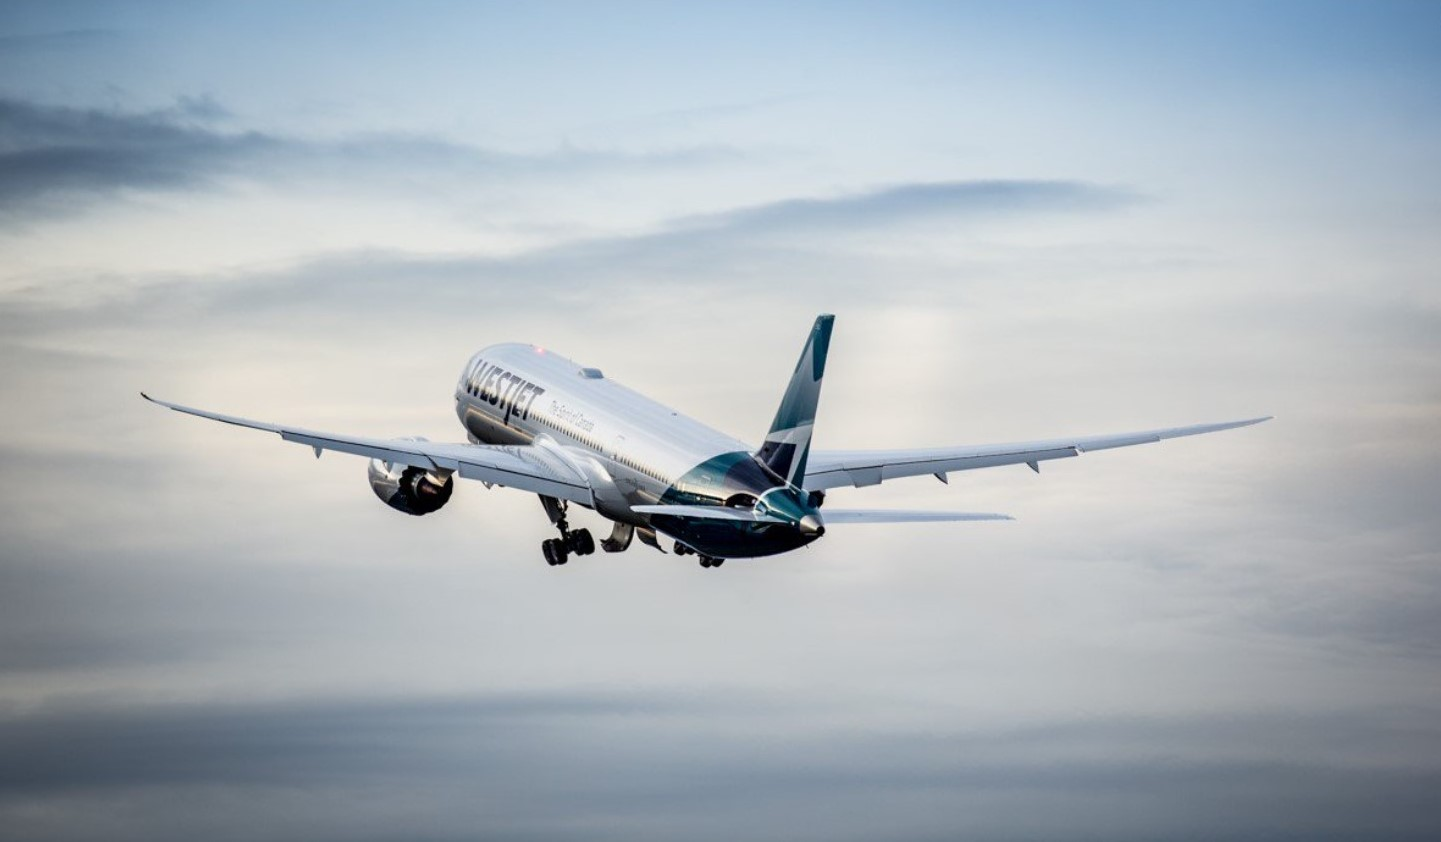 WestJet Dreamliner first delivery